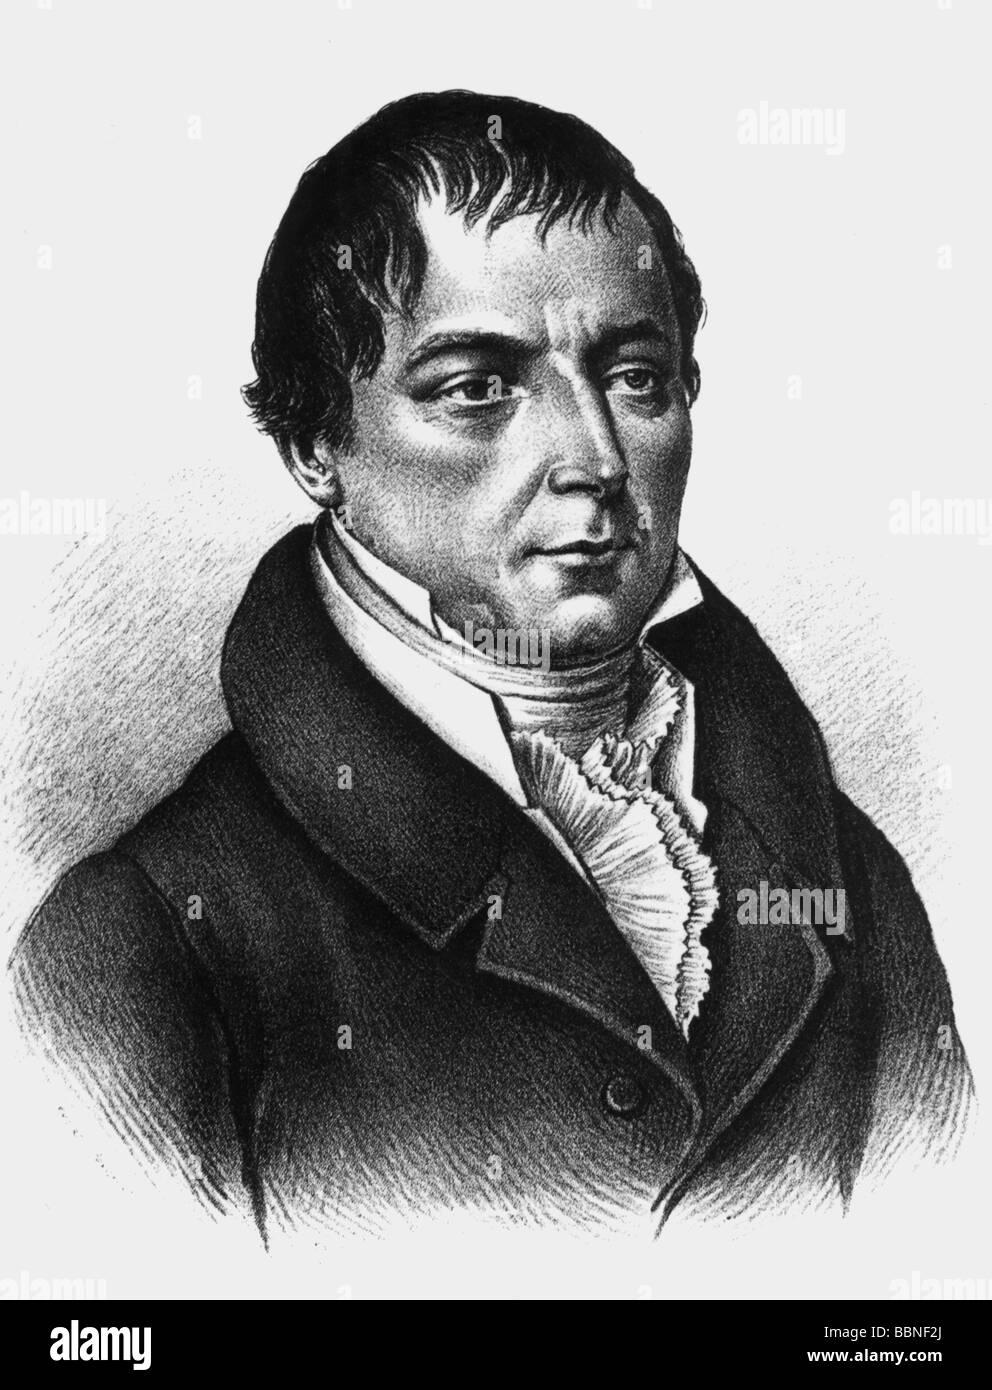 Buch, Christian Leopold Von, 26. 4.1774 - 4.3.1853, scientifique allemand (géologue), portrait, gravure contemporaine, Banque D'Images